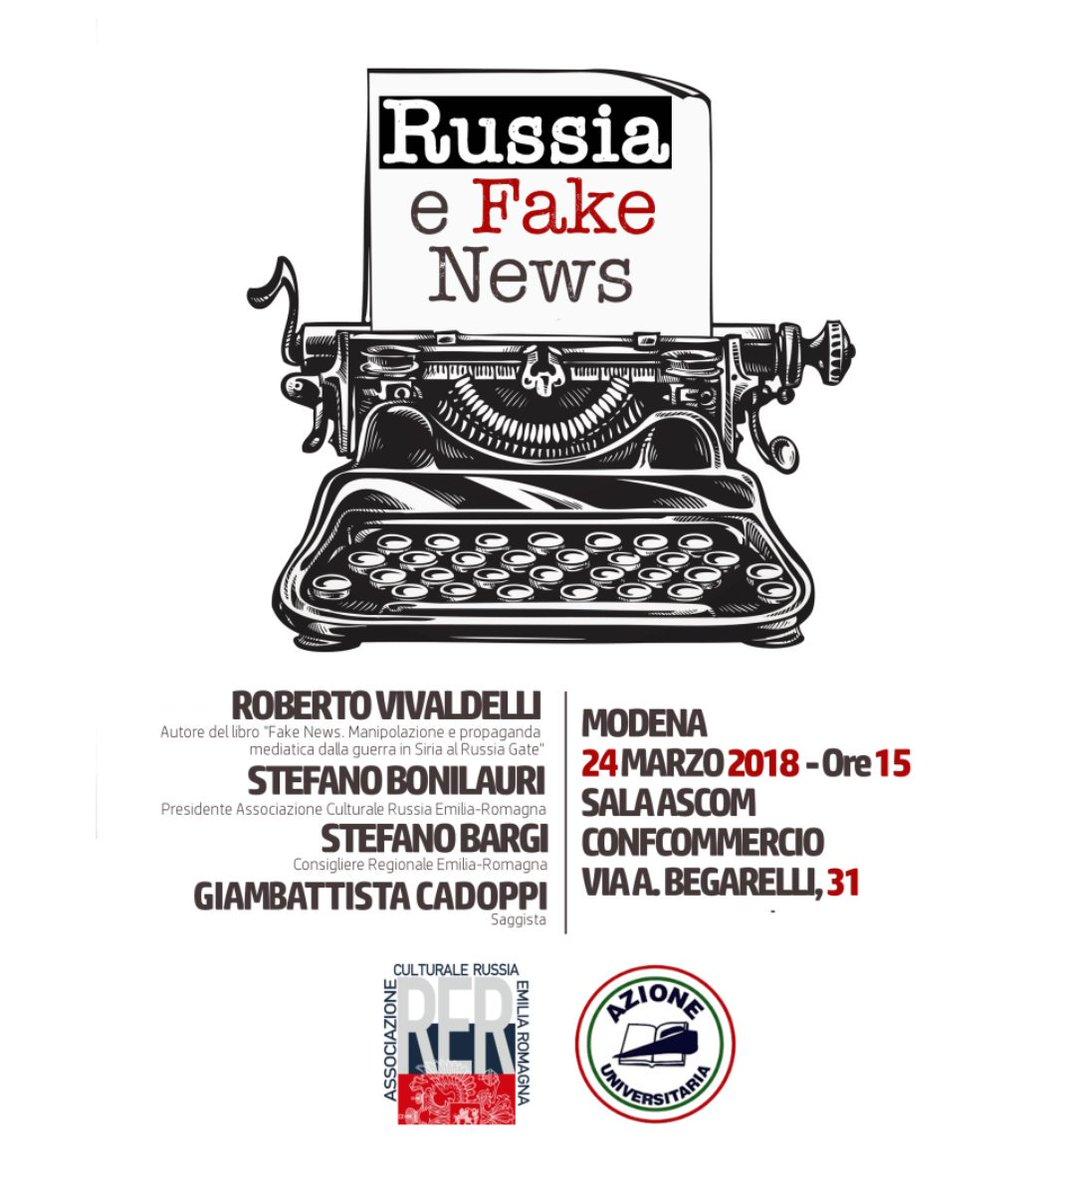 """A quasi una settimana dalle elezioni nello stato Russo, a #Modena, sabato 24/03, incontro su """"Russia e fake News"""". Per conoscere e soprattutto capire#Russia #FakeNews@AzioneUni @AASIB_ONG @bordoni_saker @rusembitaly @LombardiaRussia @ASRIE_Roma @NotizieGeopolit @NewRussiaPress  - Ukustom"""